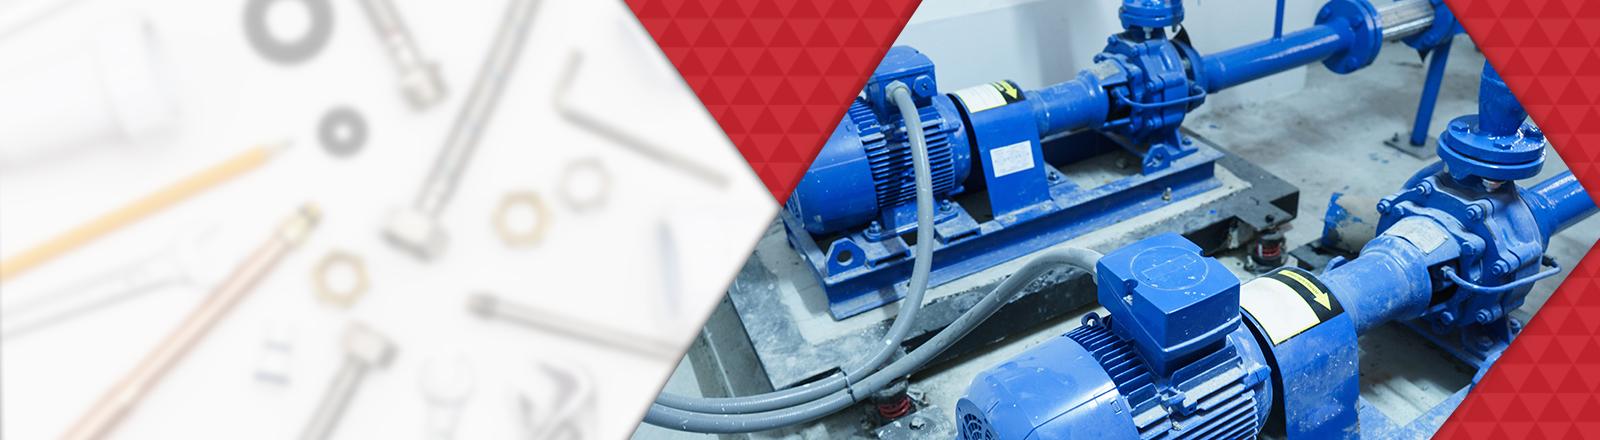 Pump Installs And Repairs Chelsea